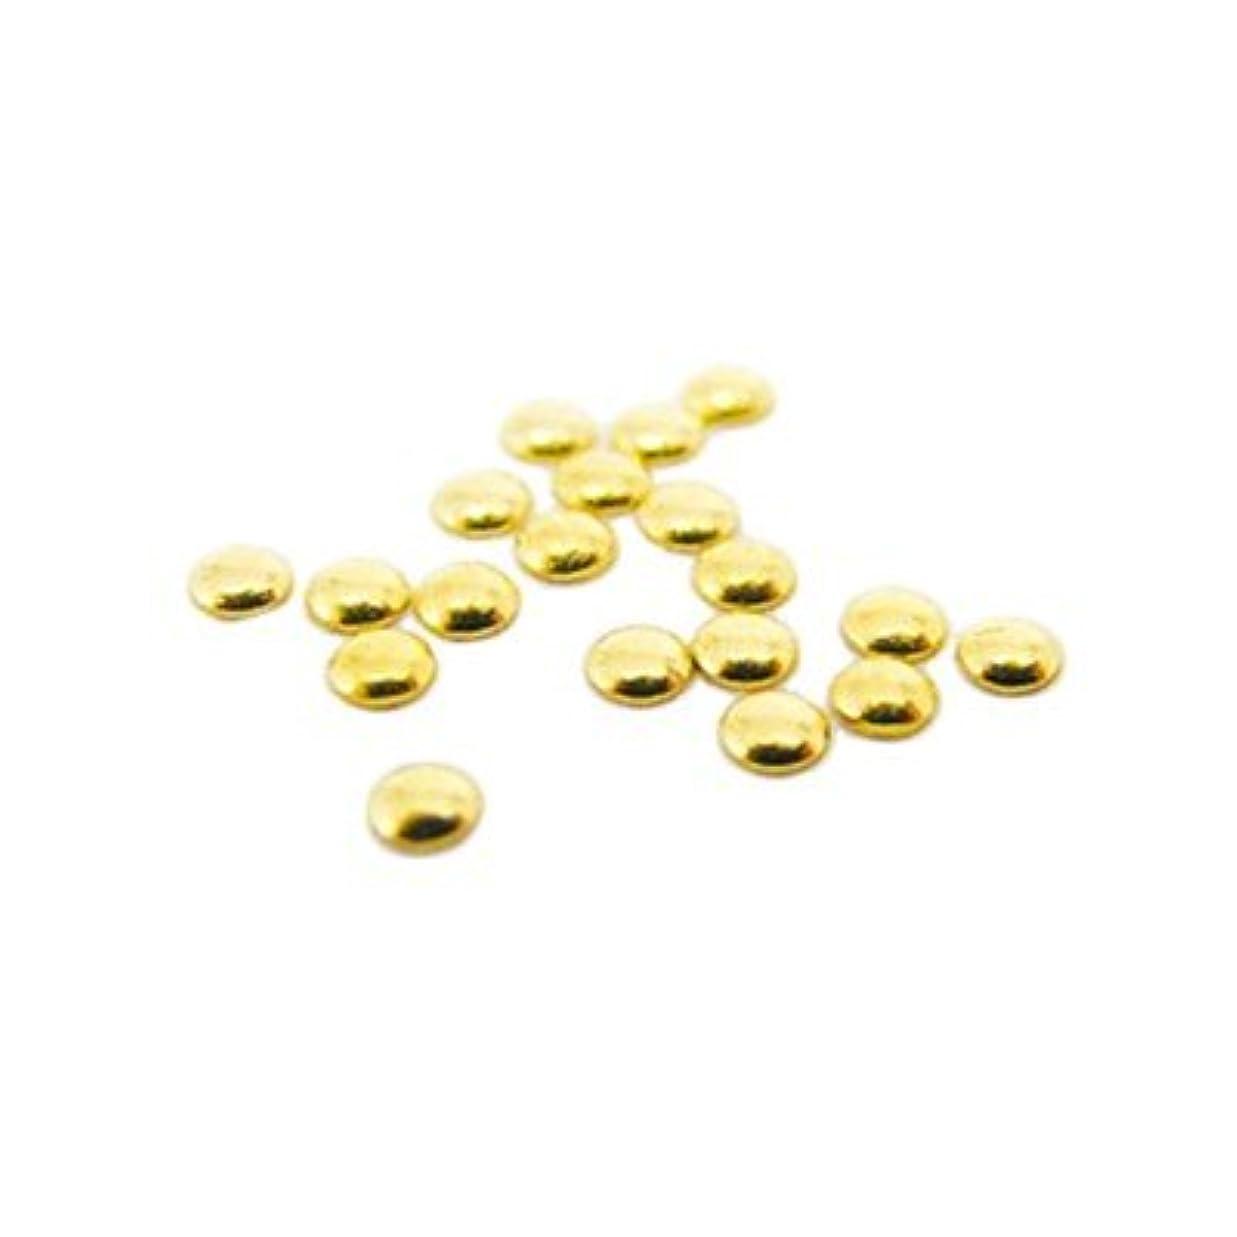 期間強要緩むピアドラ スタッズ 1.5mm 500P ゴールド